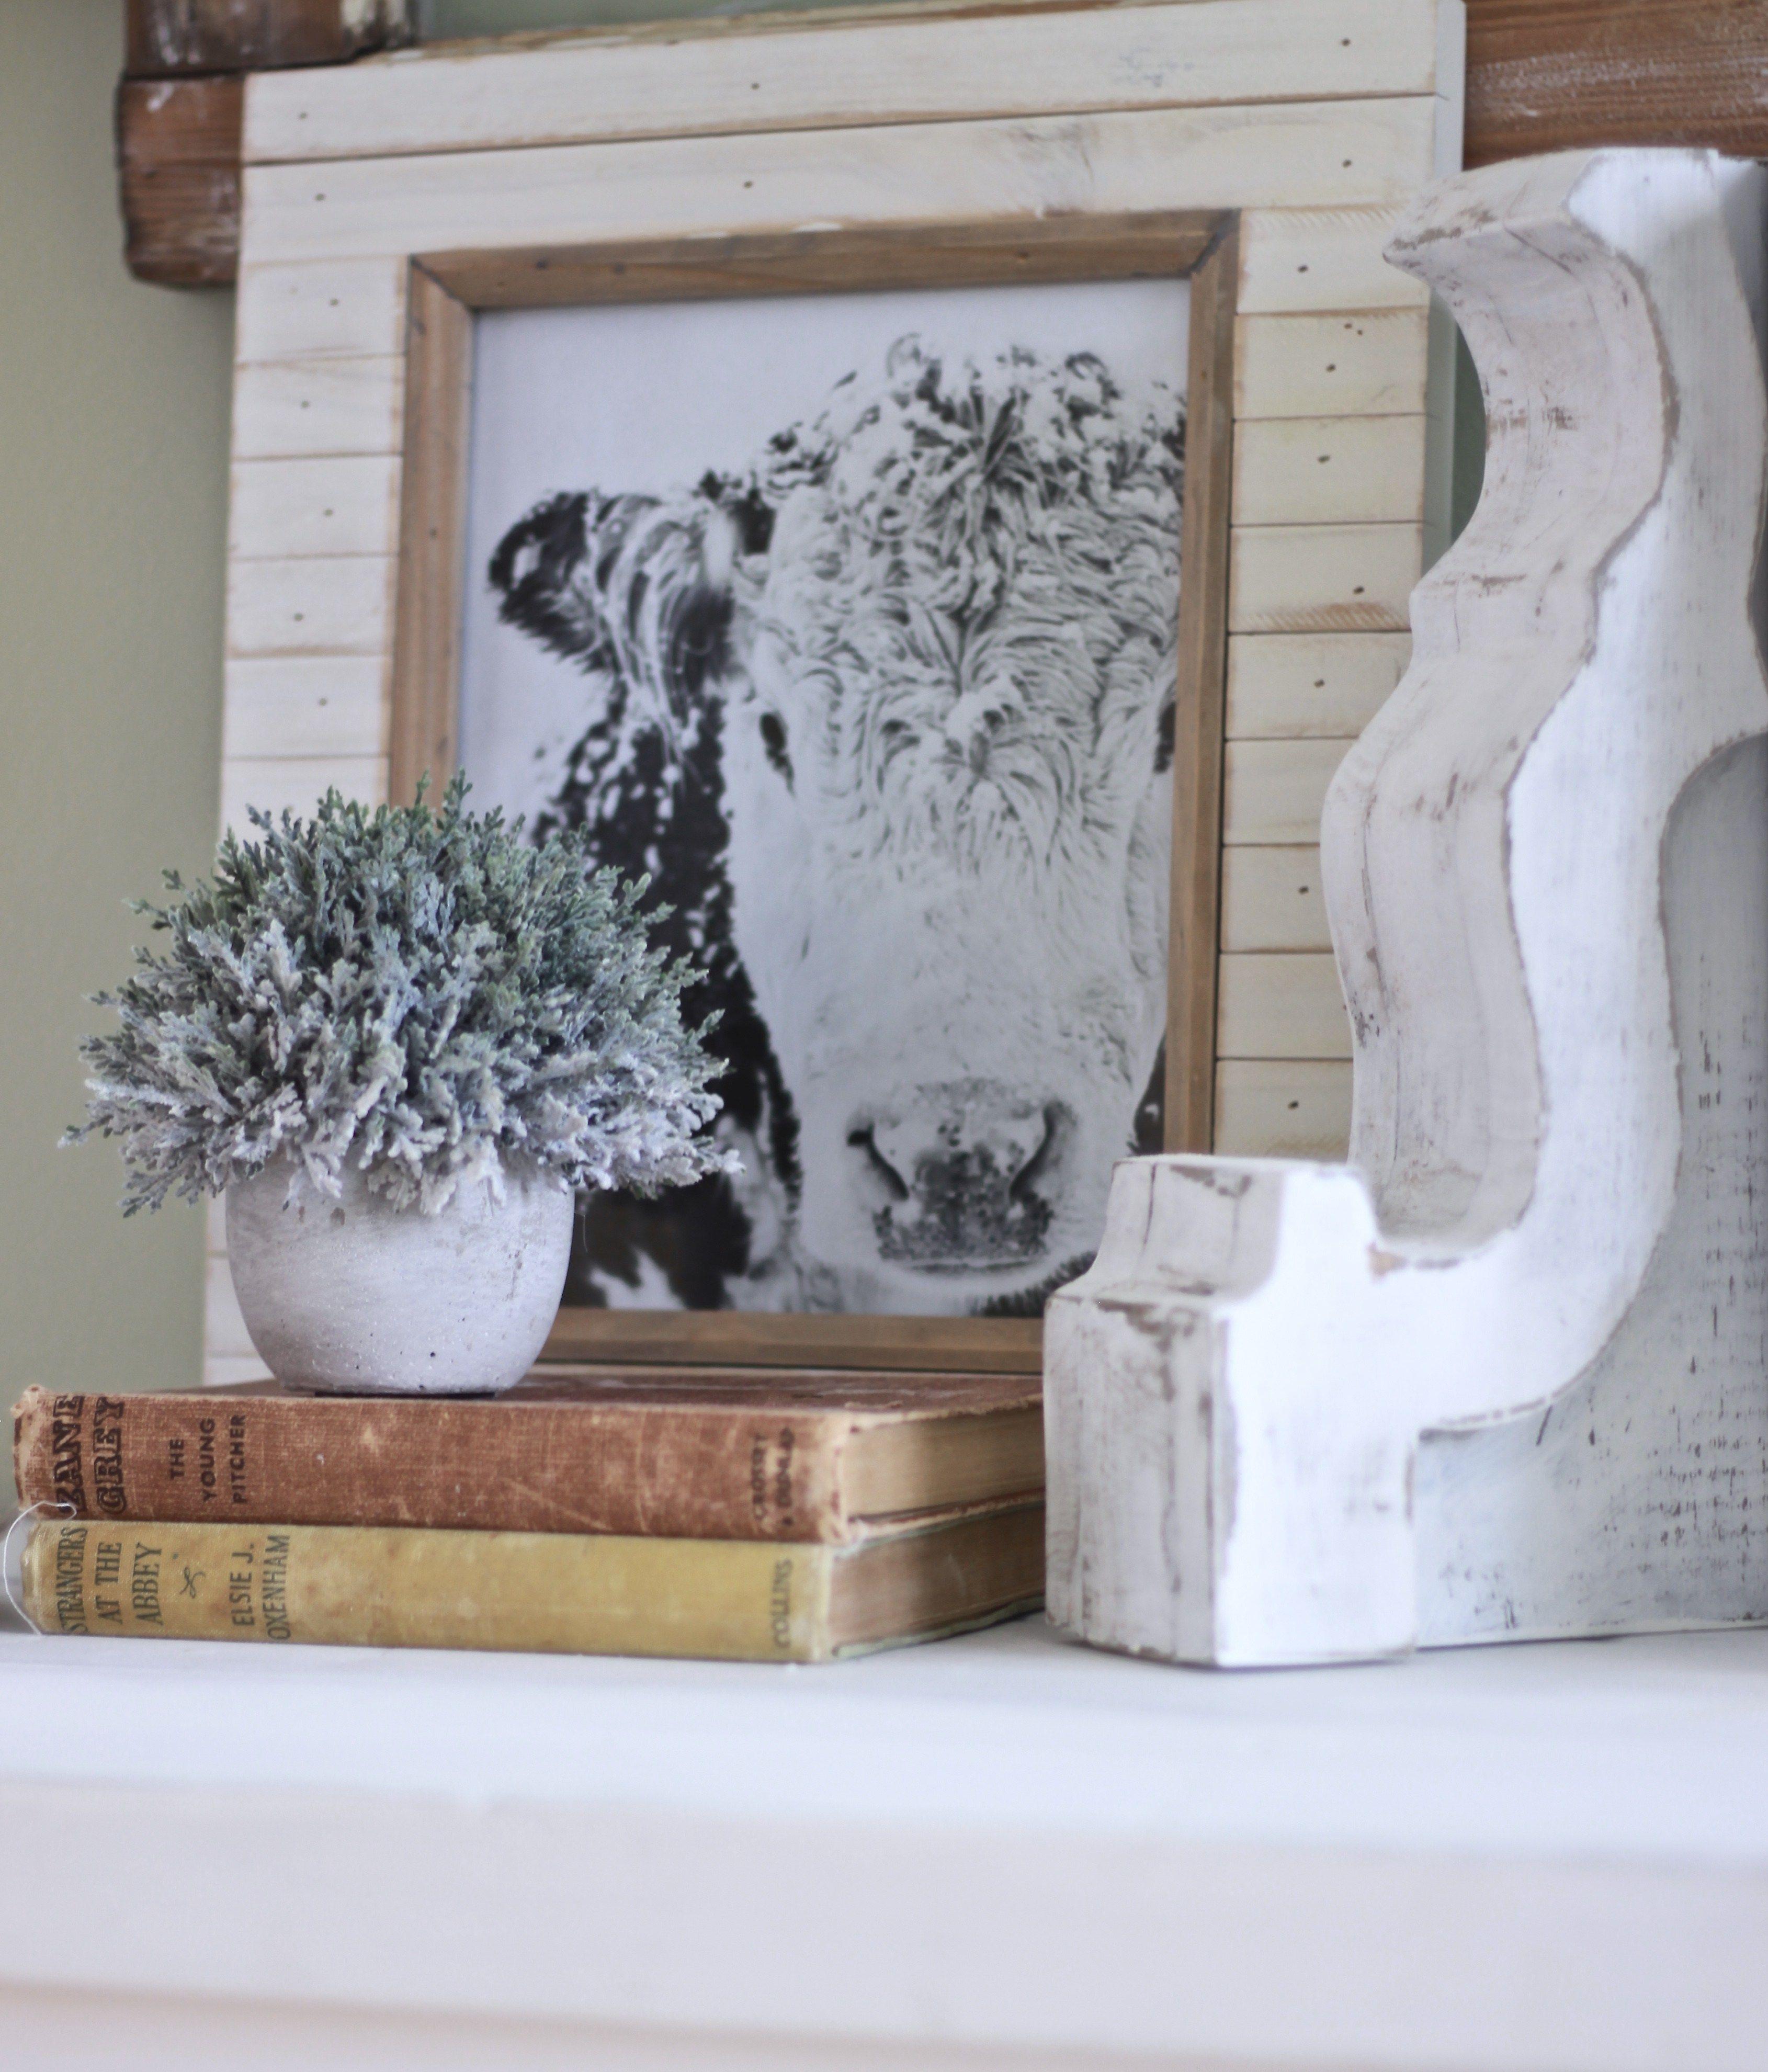 DIY Wood Corbels Decor, Country decor, Farmhouse decor